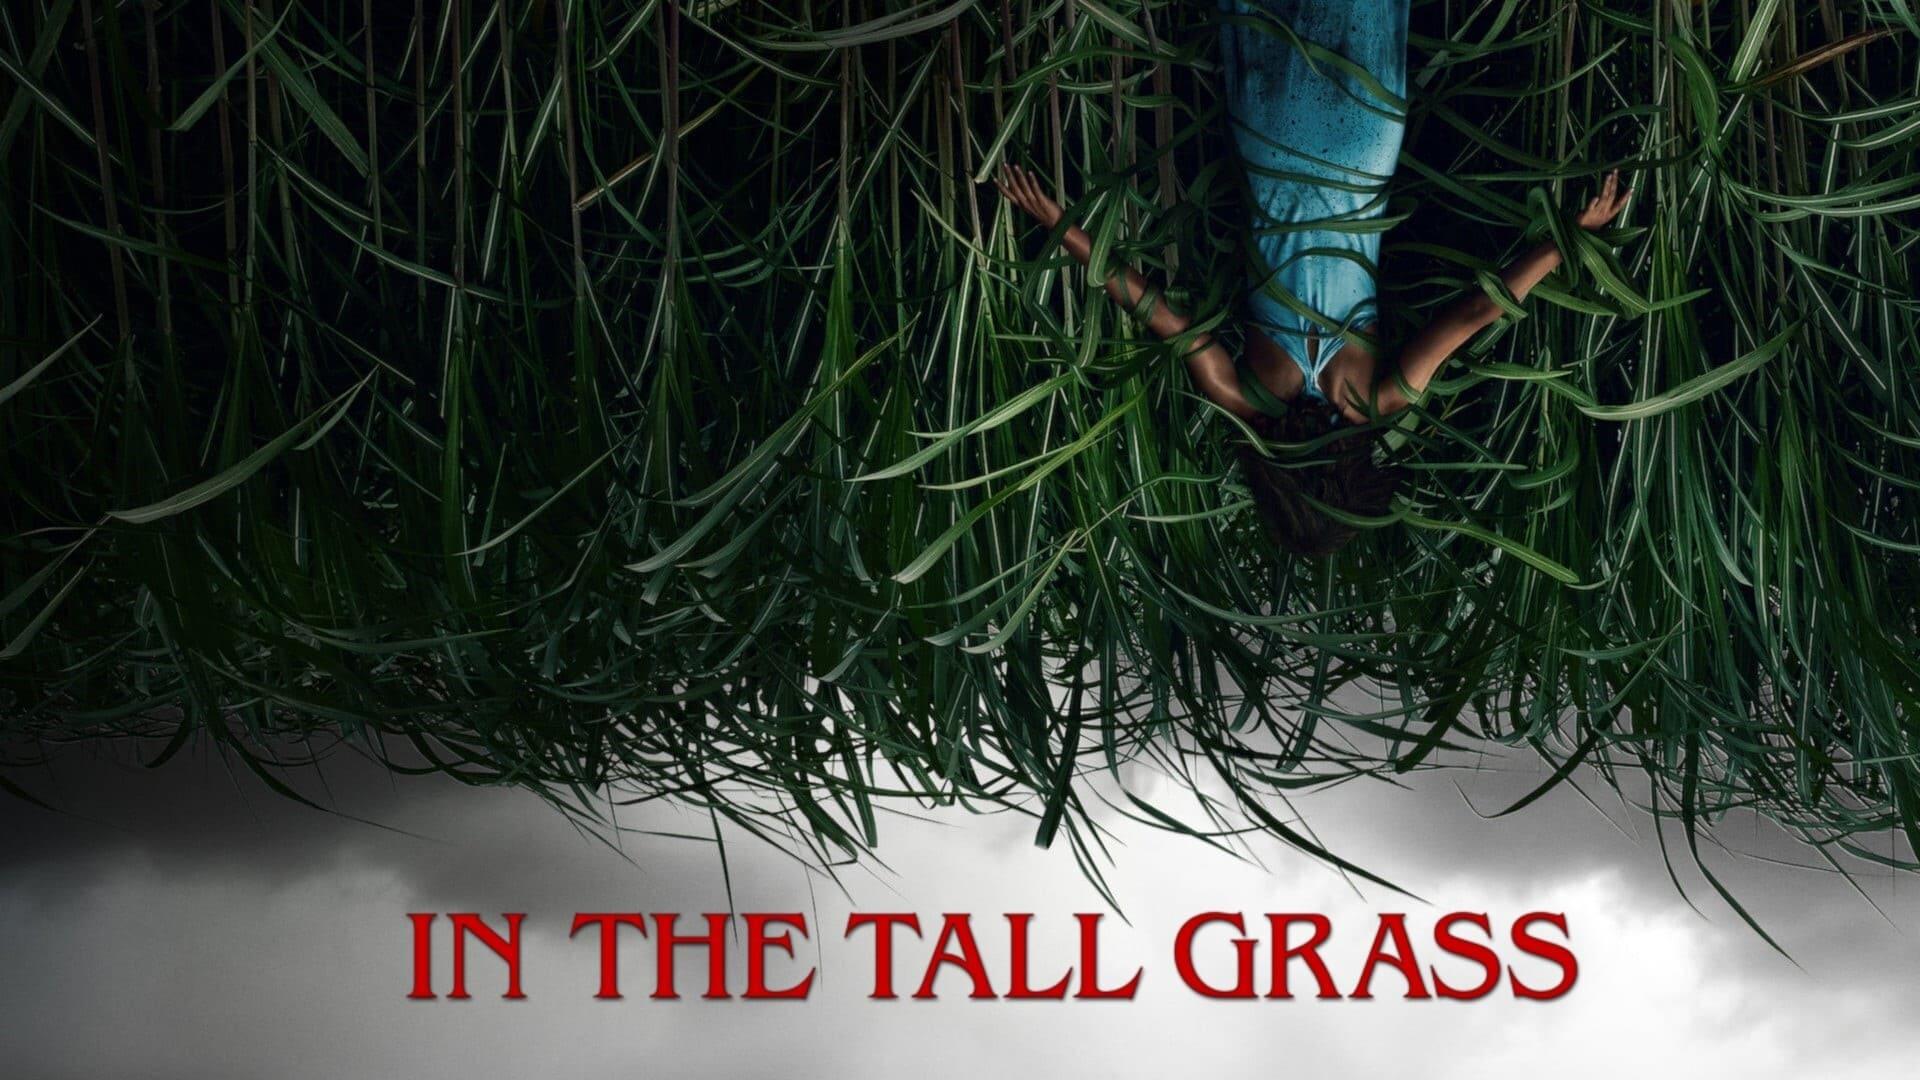 Във високата трева